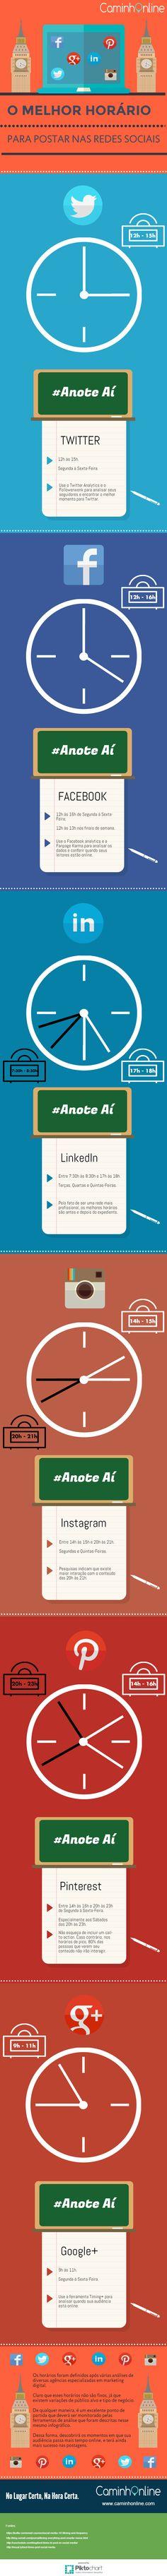 redes sociais horário para postar